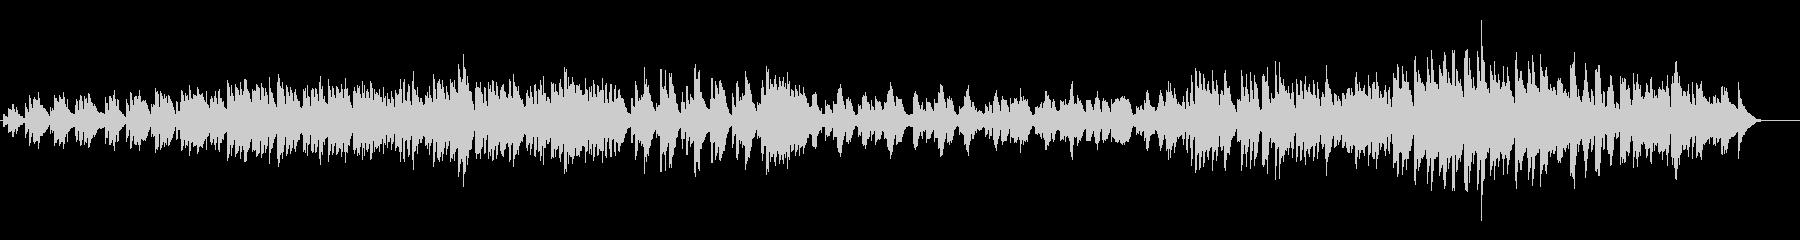 ハープの疾走感あふれる曲の未再生の波形